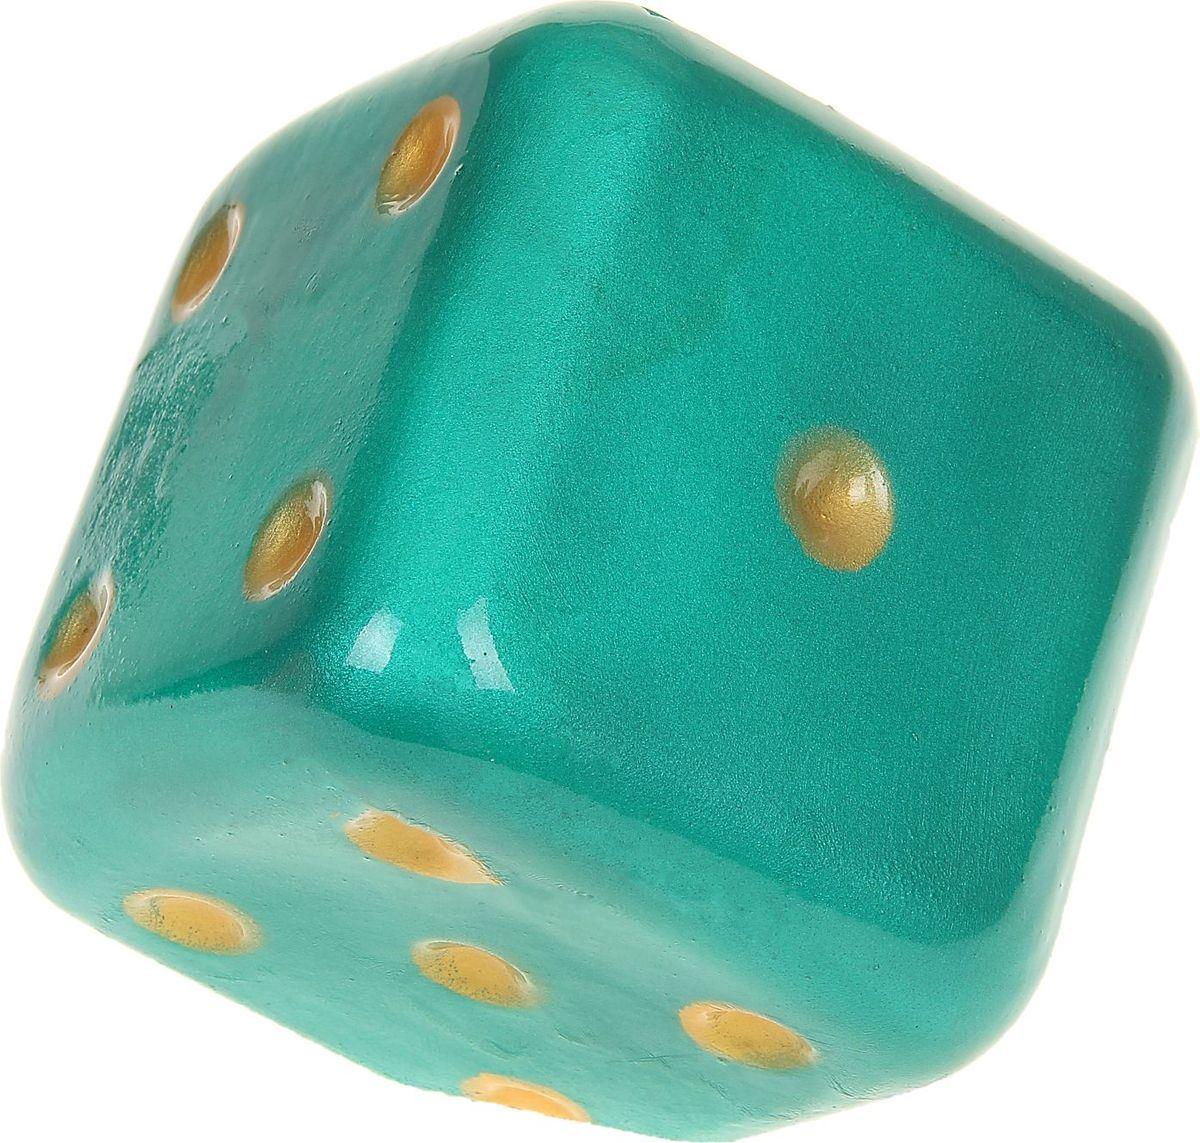 Копилка Керамика ручной работы Кубик, цвет: зеленый, 14 х 14 х 14 см1067105Каждая хозяйка знает, что в ведении домашнего хозяйства важную роль играет умение накапливать средства.Поставьте копилку на видное место, и она не только будет хранить деньги, но и станет стильным элементом интерьера.Обращаем ваше внимание, что копилка является одноразовой.